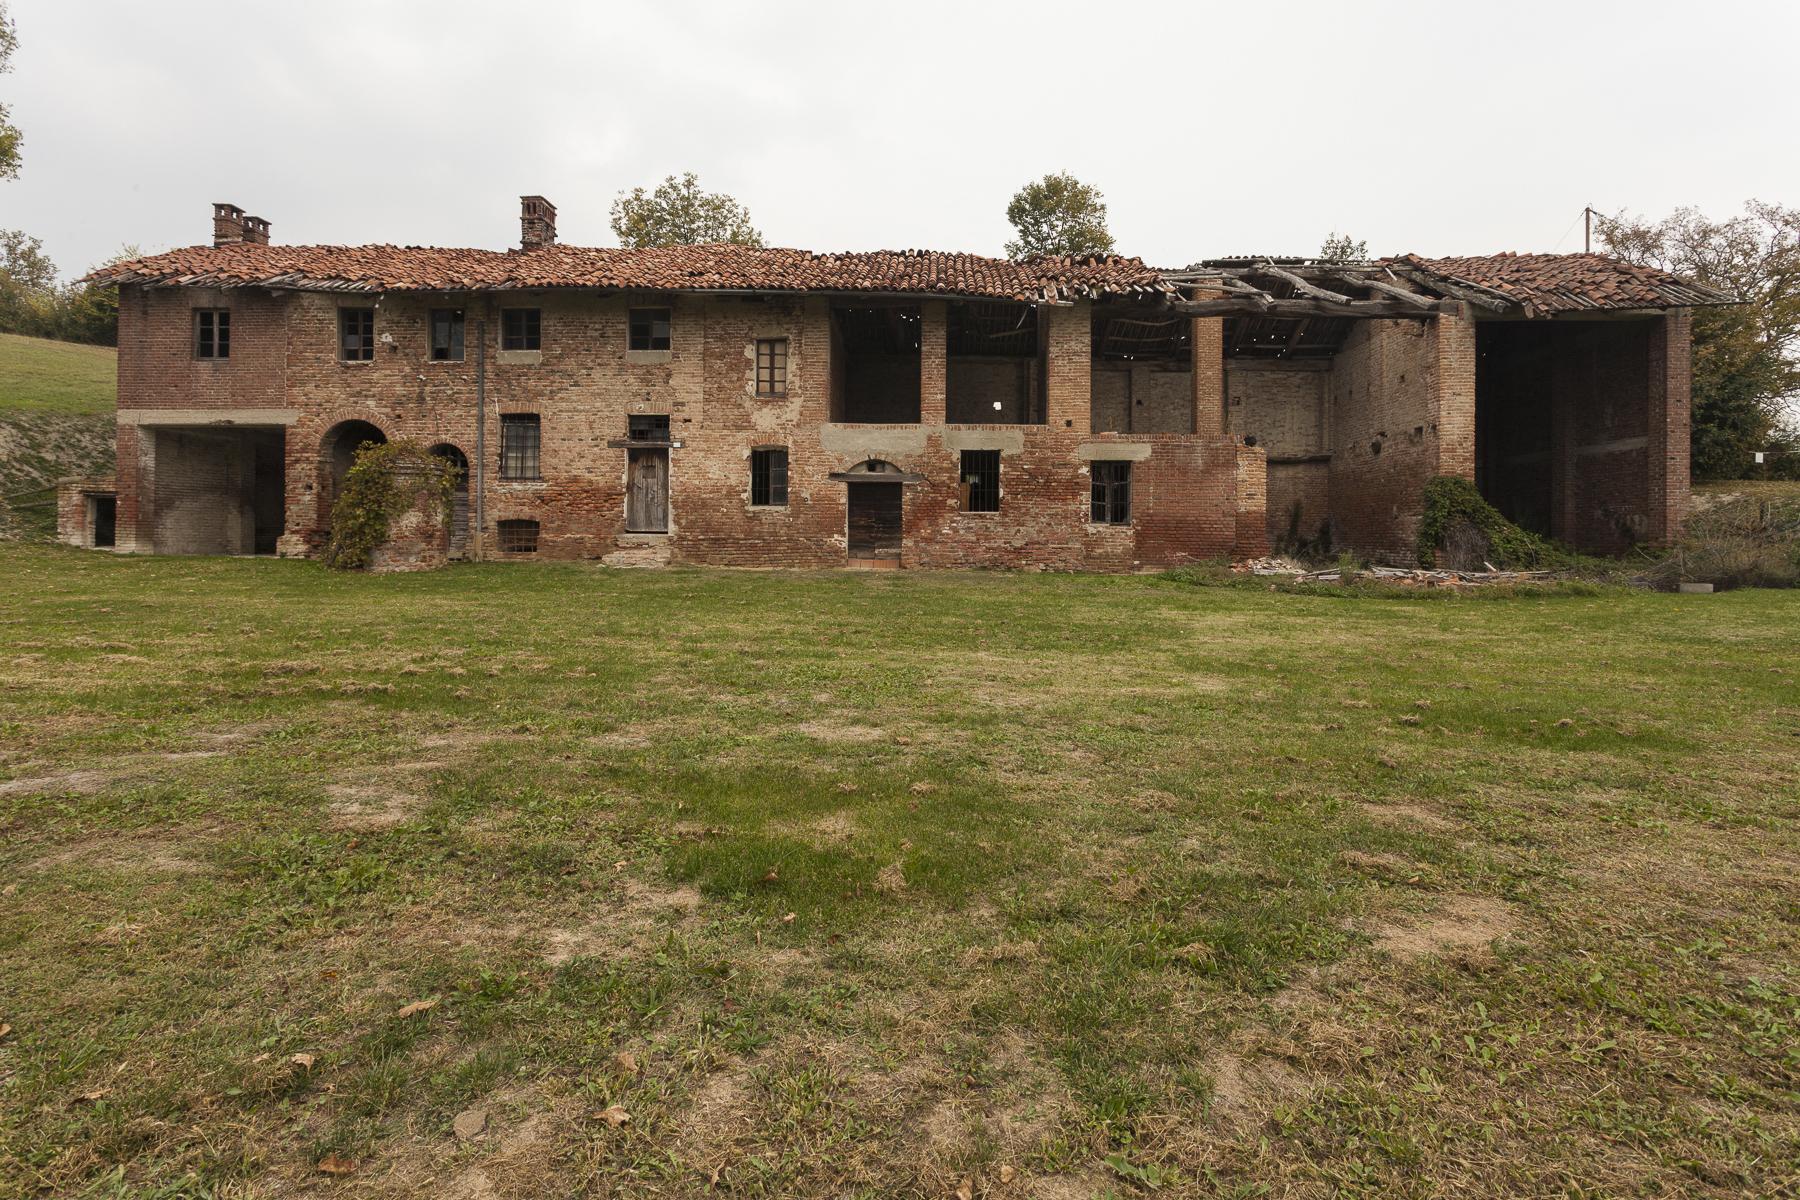 Rustico in Vendita a Sciolze: 5 locali, 500 mq - Foto 4